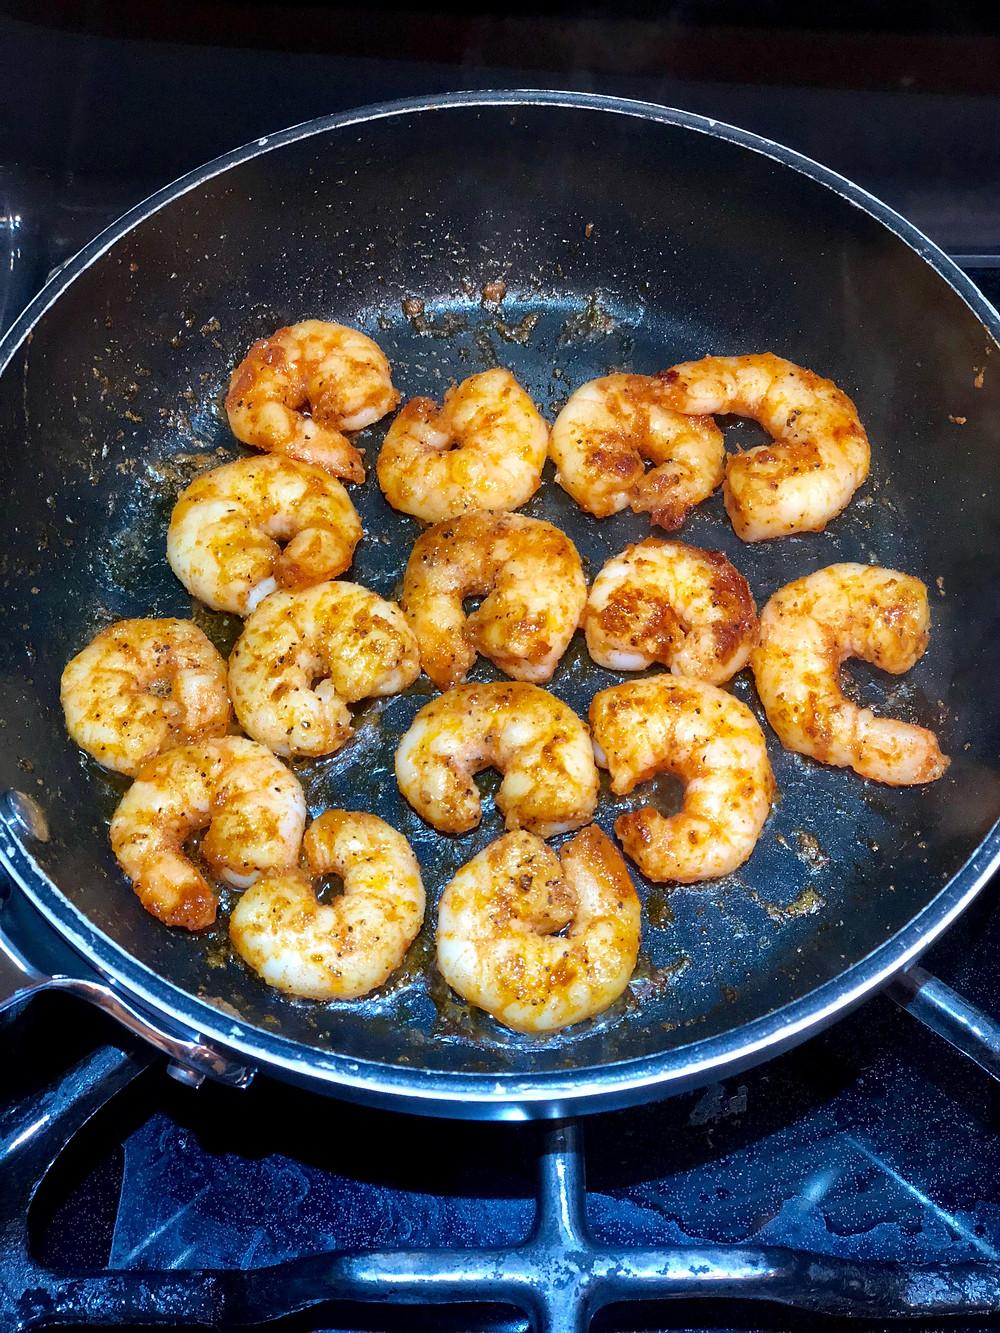 simple sautéed shrimp with smoky flavor